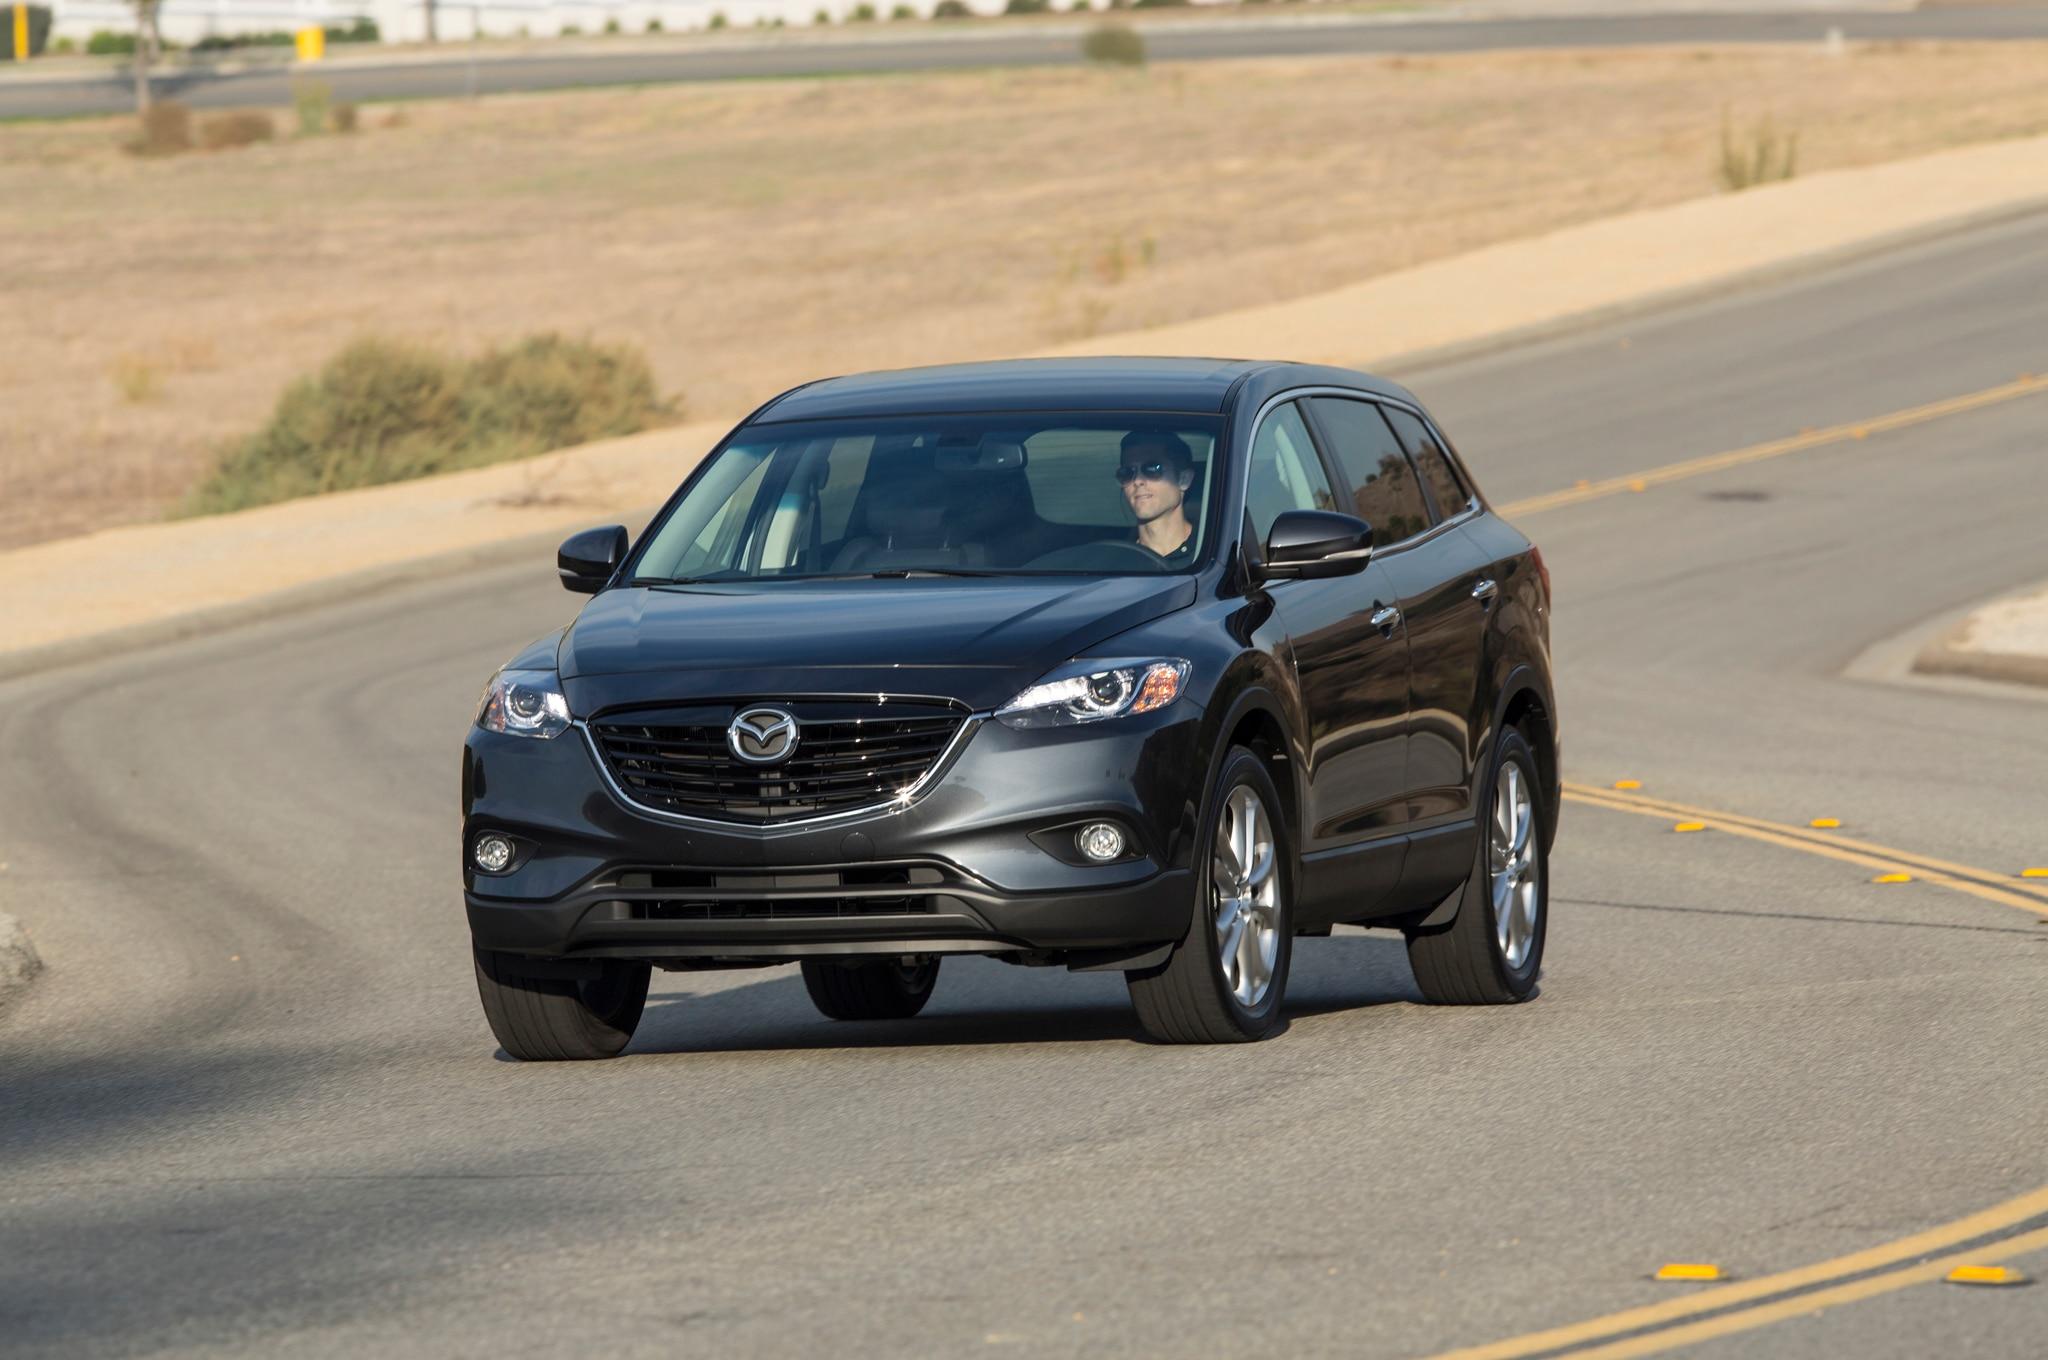 2013 Mazda CX 9 Front Profile 2013 mazda cx 9 grand touring editors' notebook automobile  at reclaimingppi.co